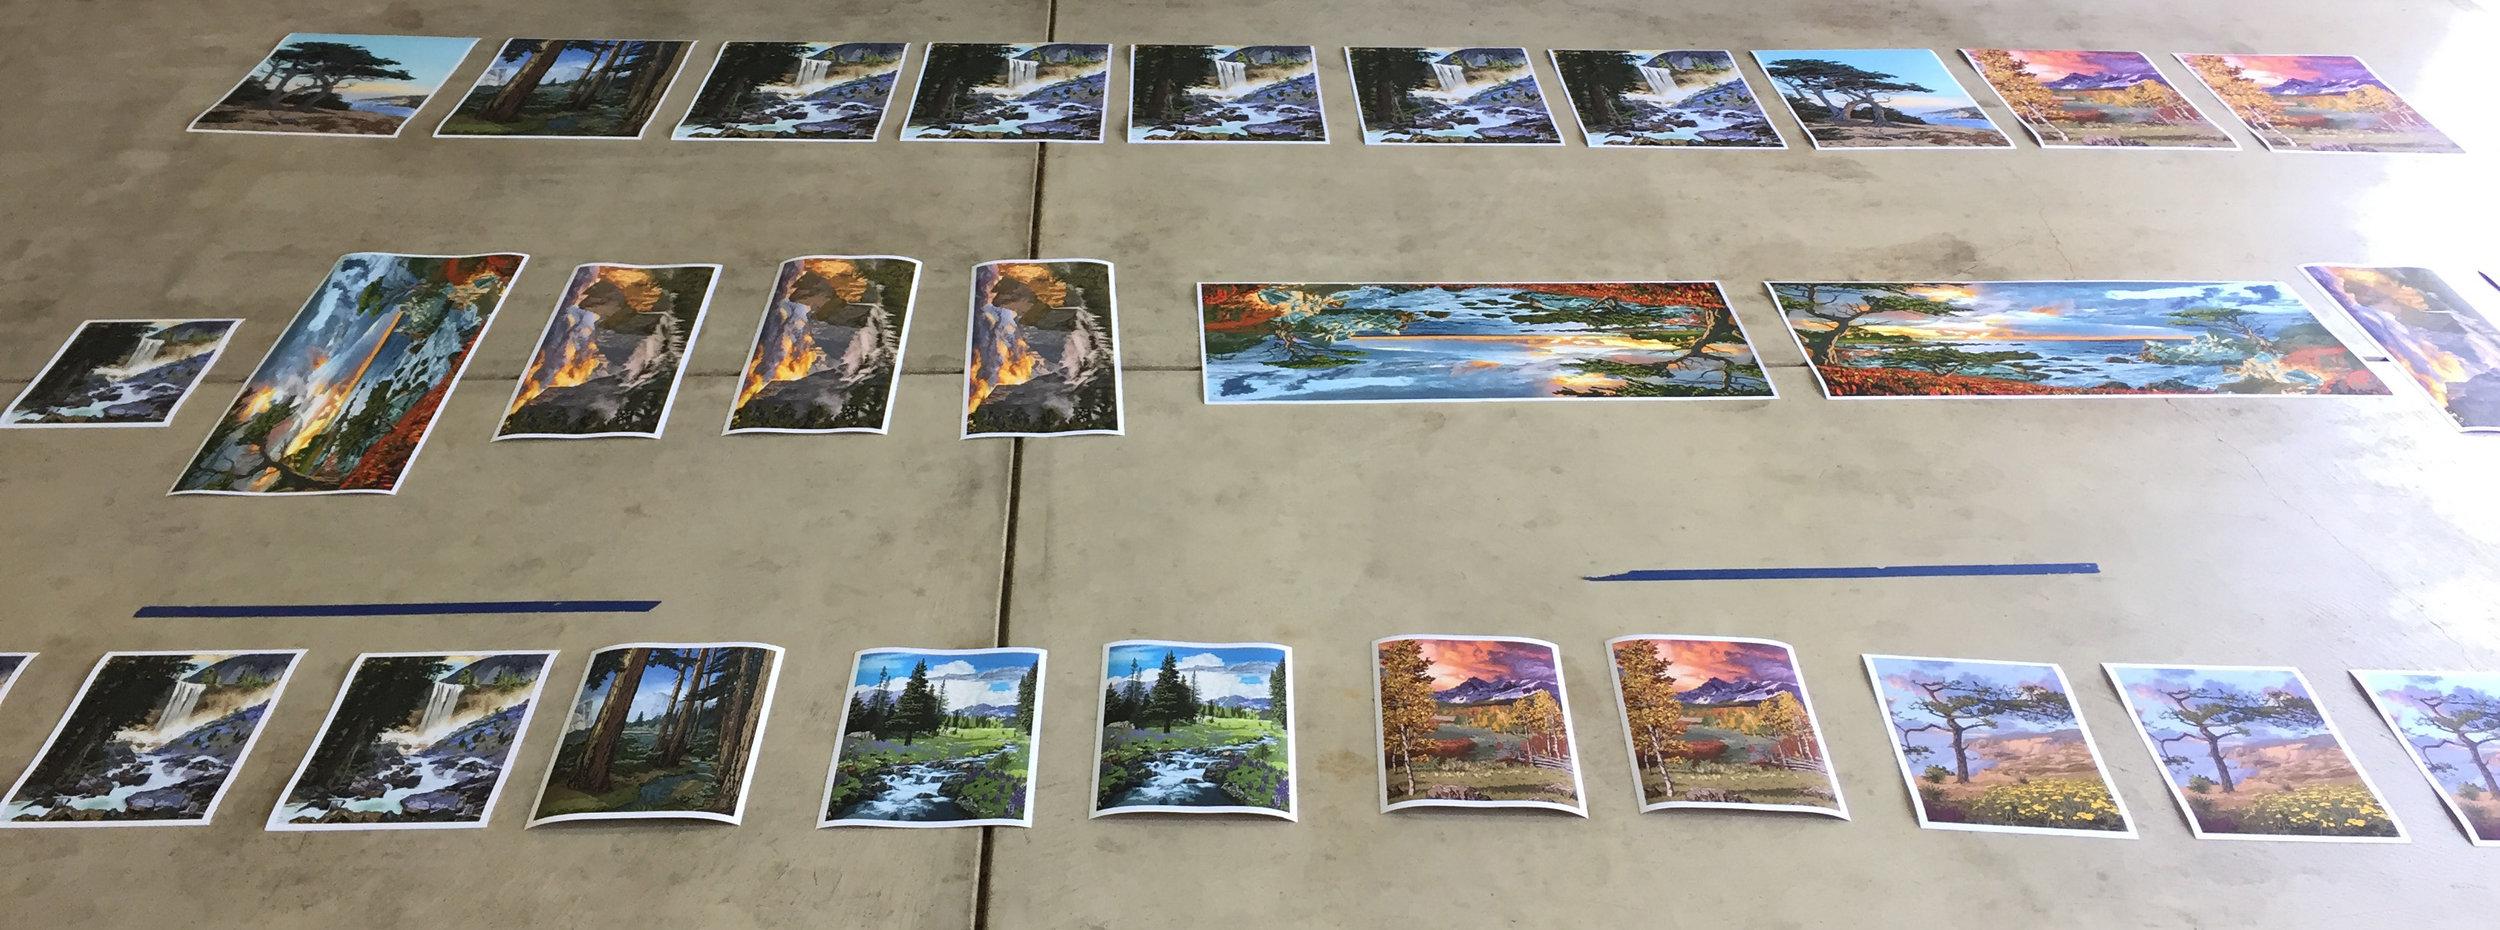 New Prints_Print Reorders_New Orders.jpg